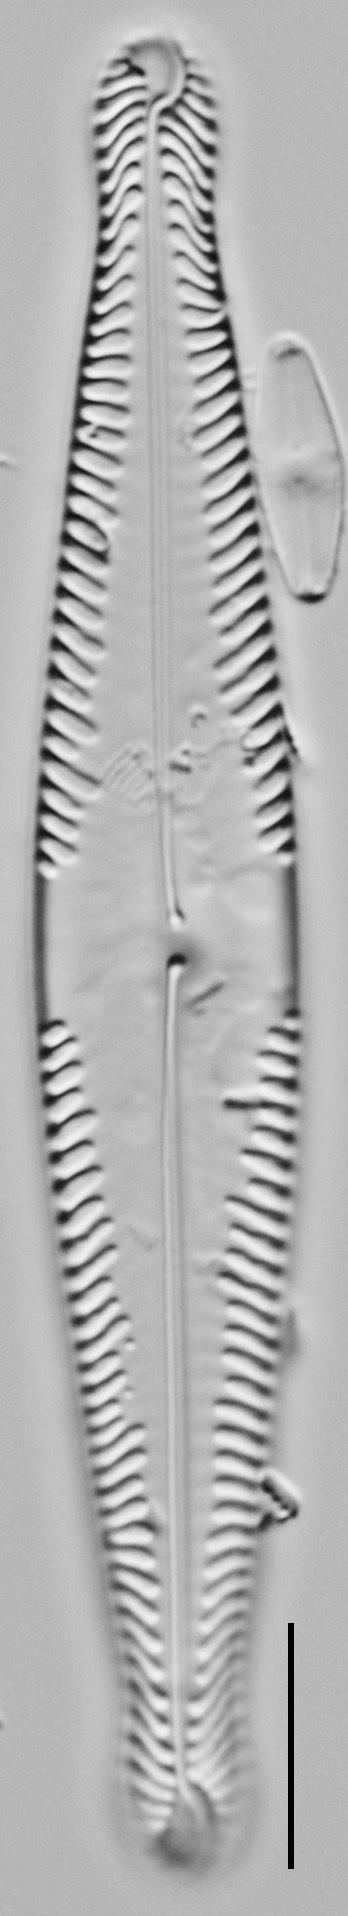 Pinnularia brauniana LM2